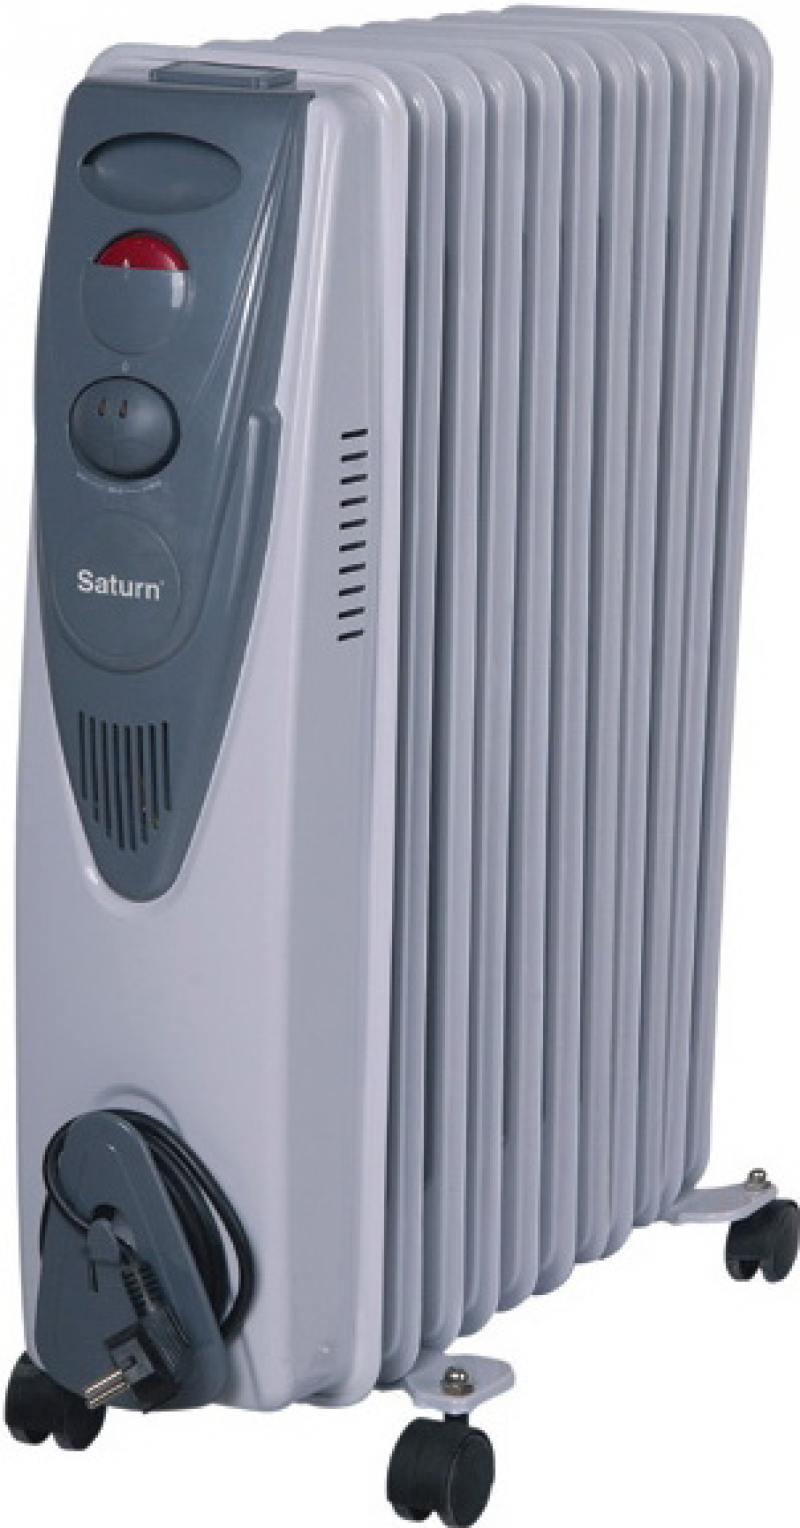 Масляный радиатор Saturn ST-OH0413 2500 Вт белый